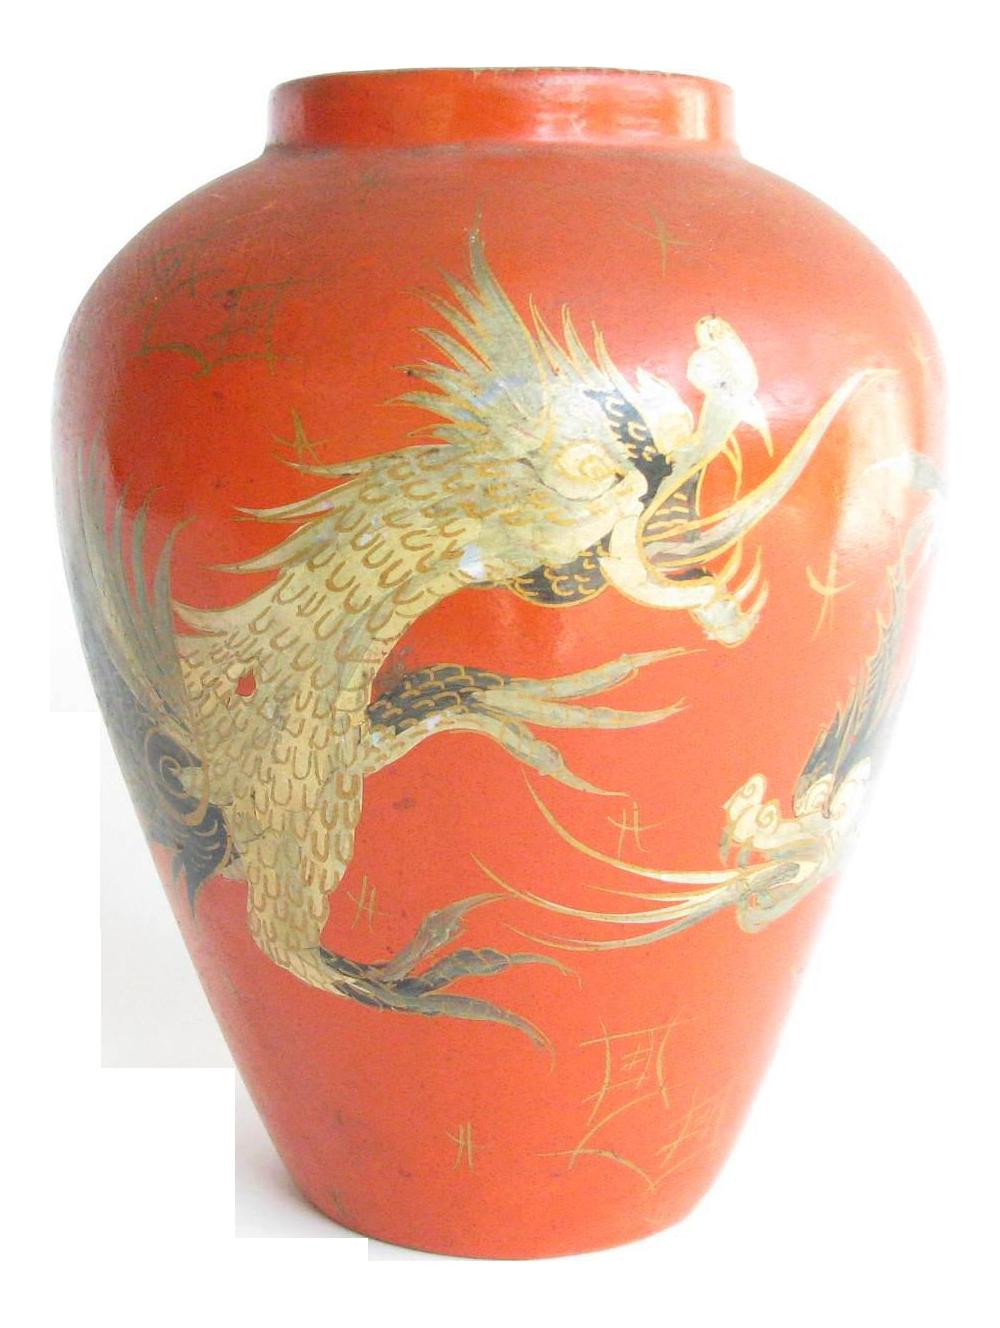 Purple Vase Painted Dragon Vase Vintage Dragon Vase Midcentury Decor Bud Vase